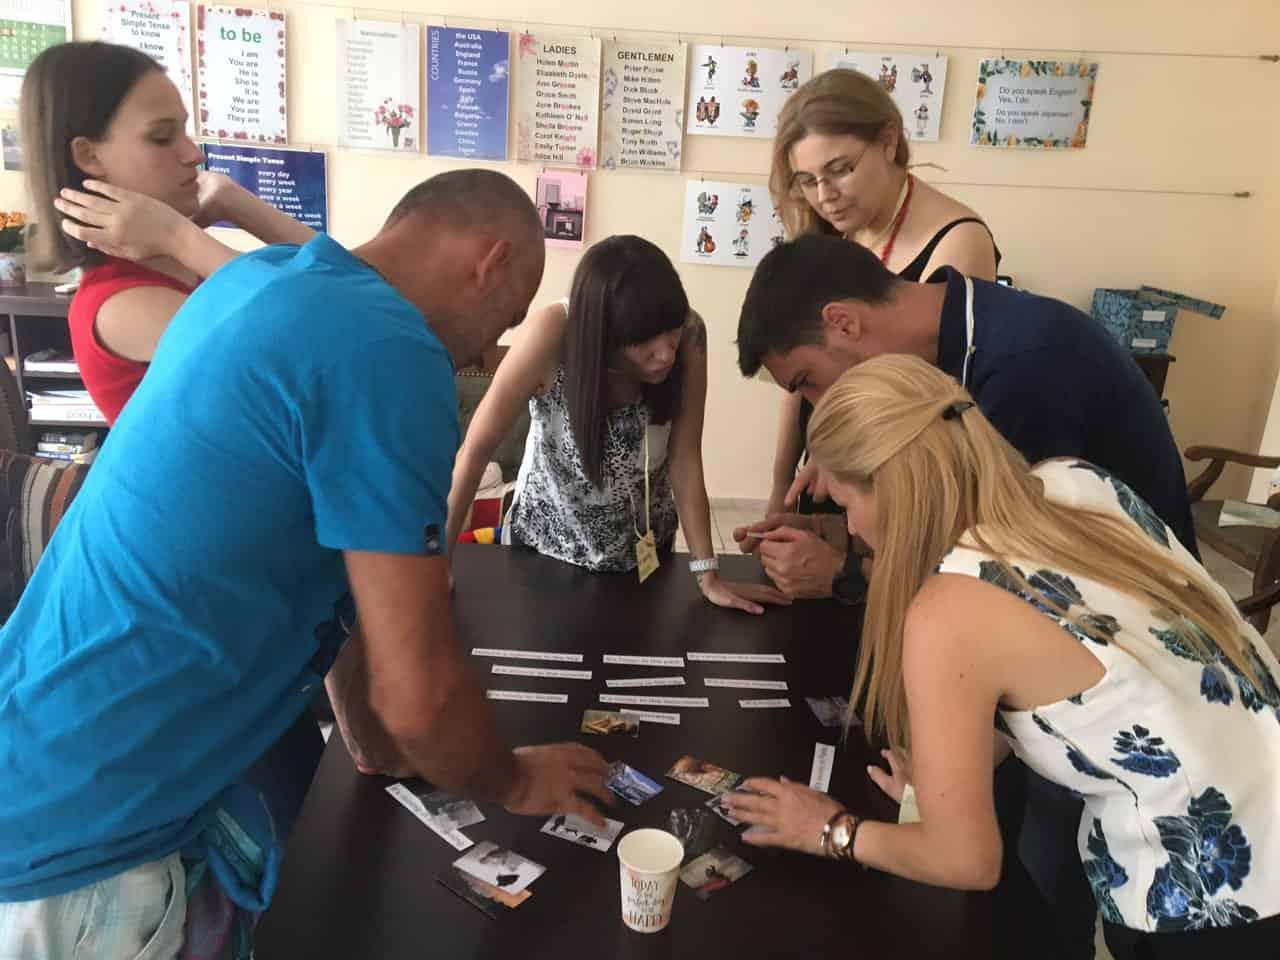 Група хора подреждат сугестопедична игра в курс по английски